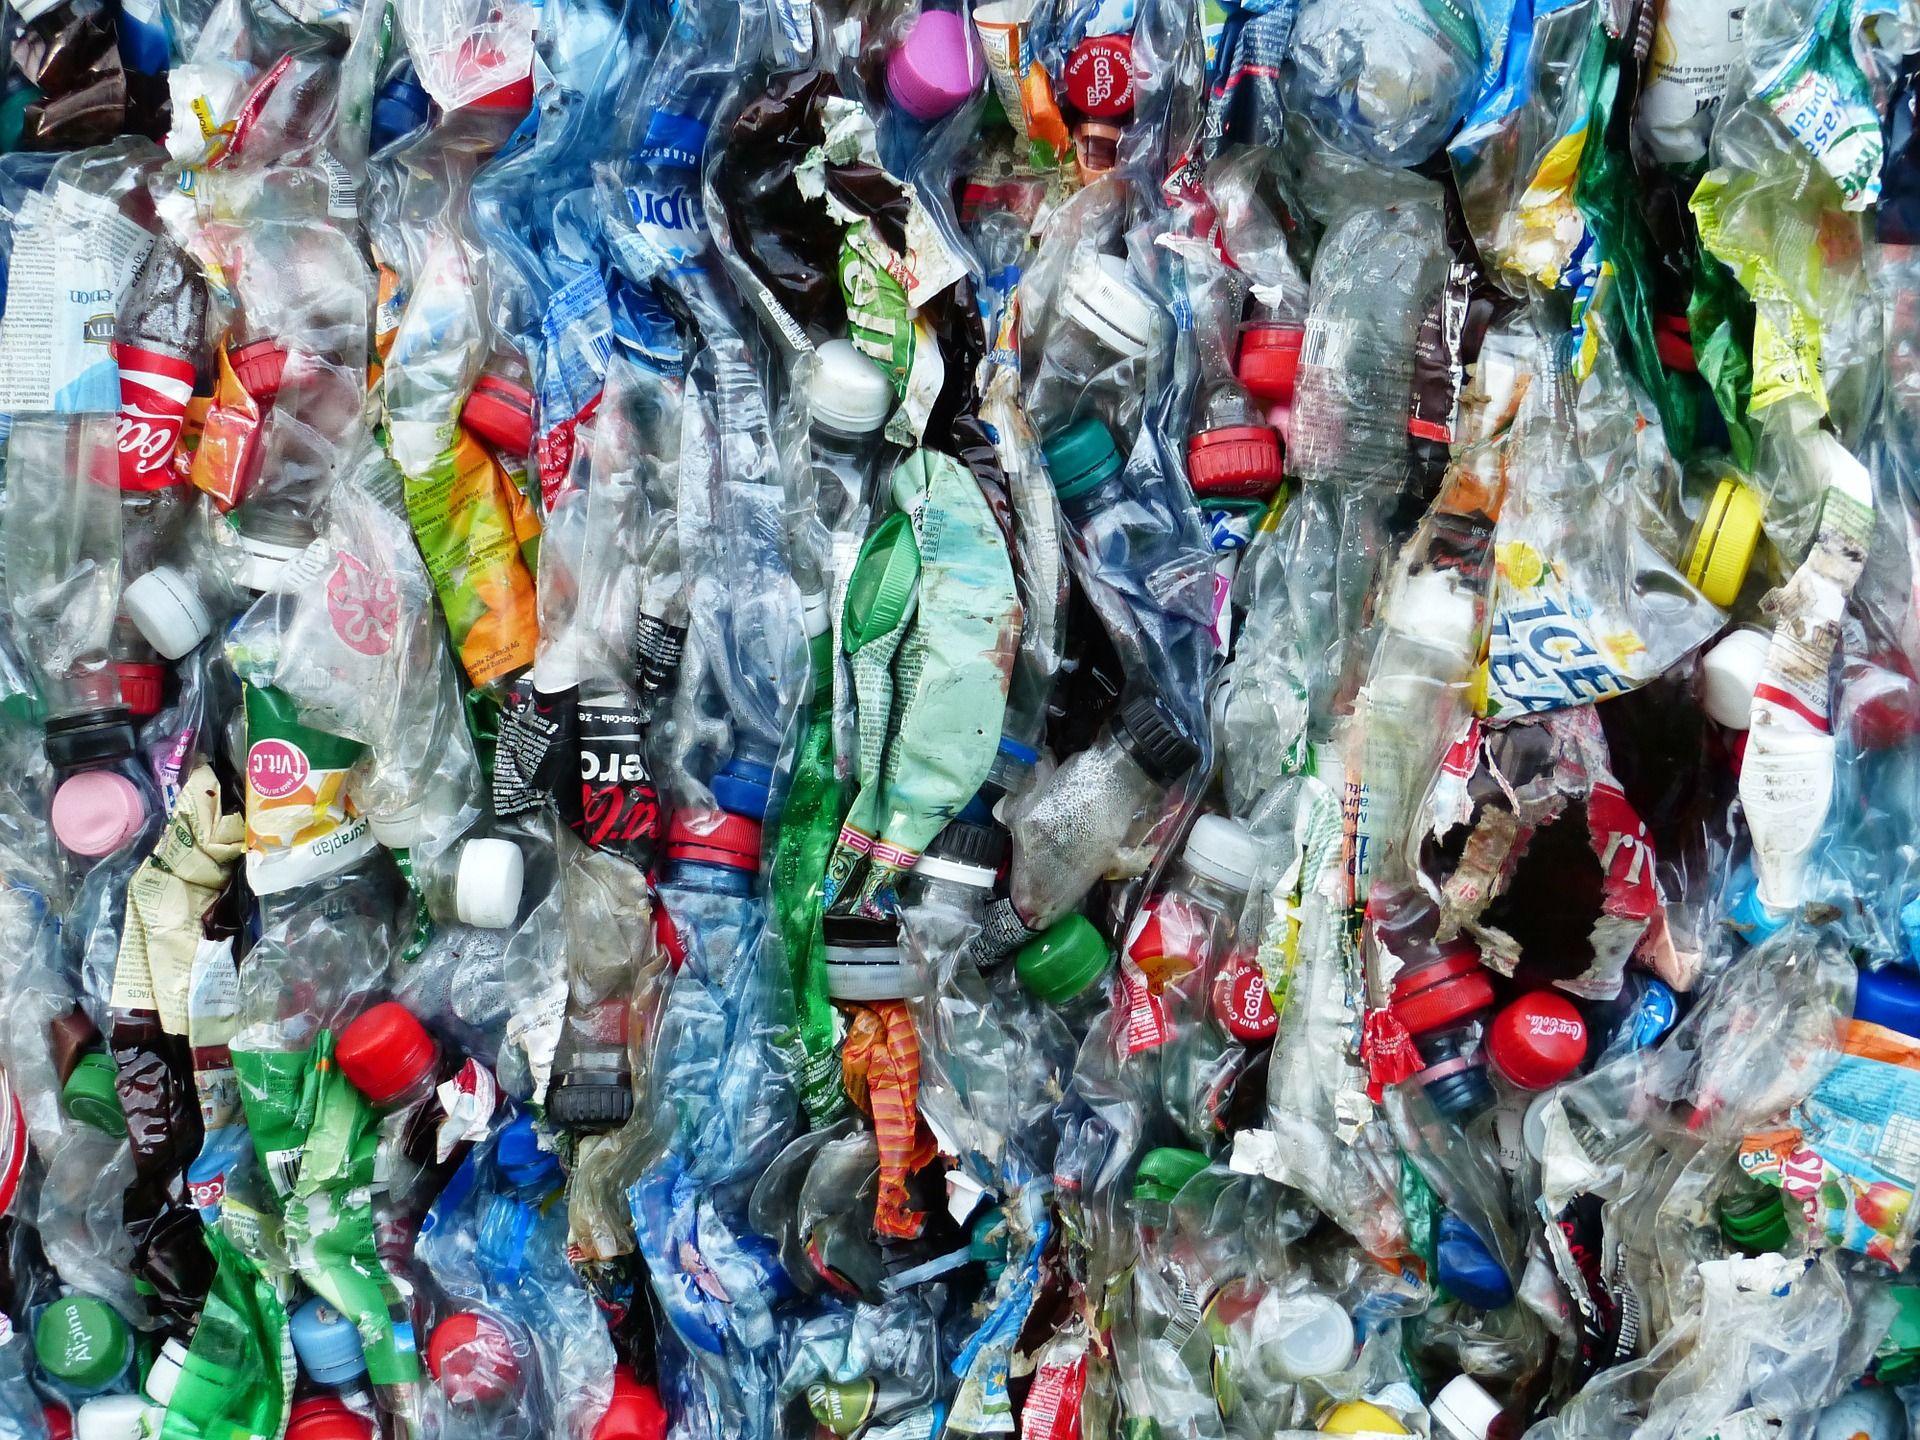 głupota zielonej polityki odpadowej - grafika wpisu